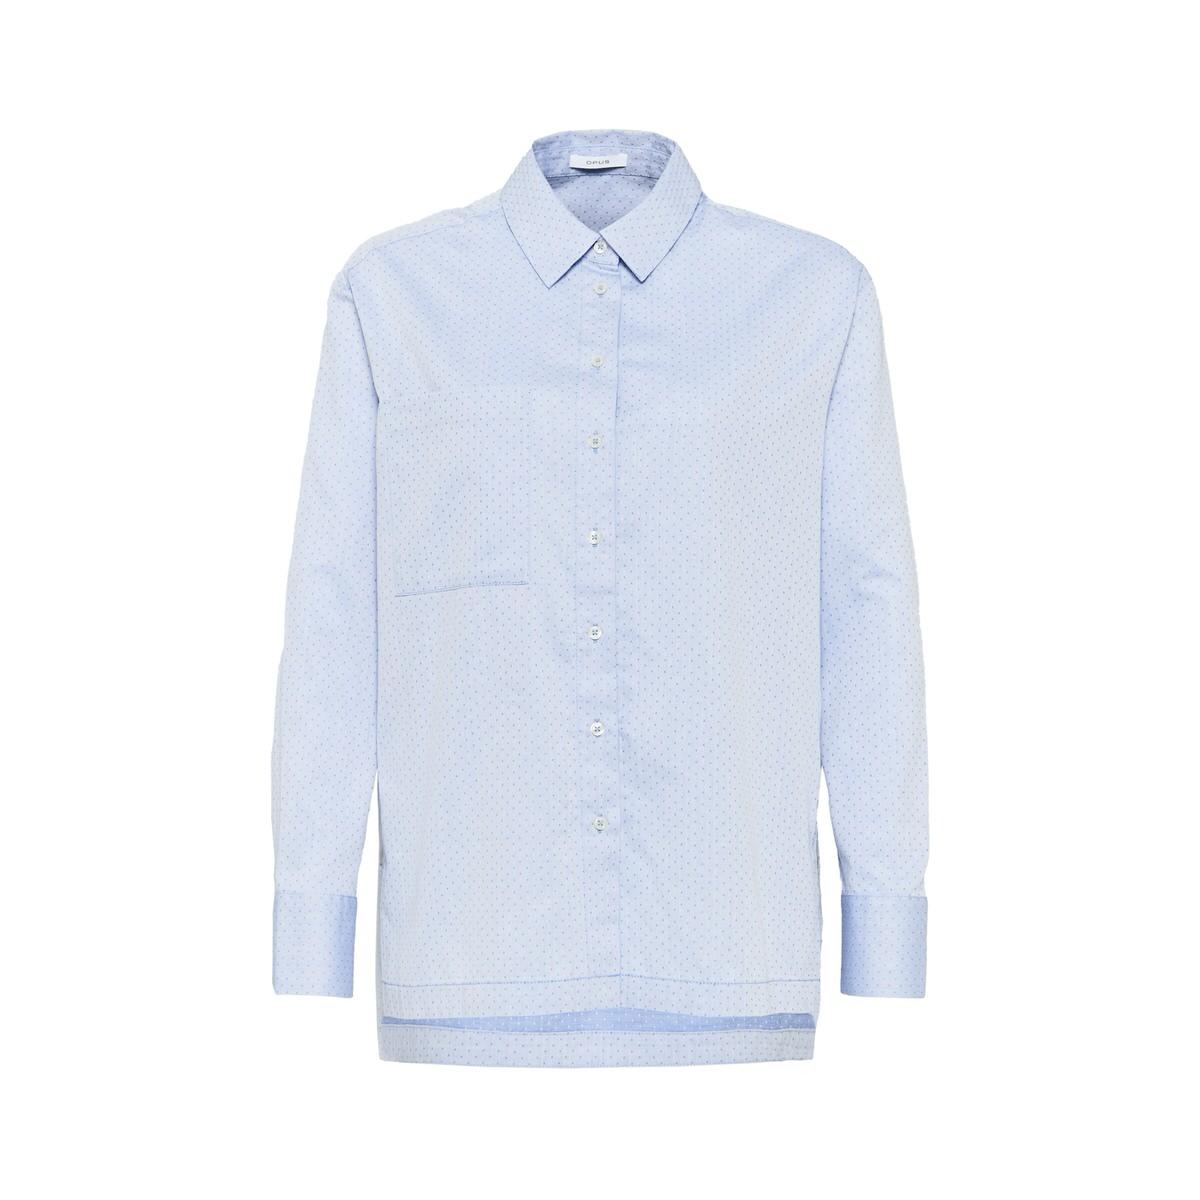 Artikel klicken und genauer betrachten! - Die Bluse aus hochwertiger Baumwolle überzeugt mit einem filigranen Punkte-Muster, das über ein schönes Jacquard gespielt wird. Die Hemdblusen Anmutung wird durch die weite und lange Silhouette erzeugt. In den Seiten ist ein langer Schlitz mit einer Knopfleiste eingearbeitet. | im Online Shop kaufen